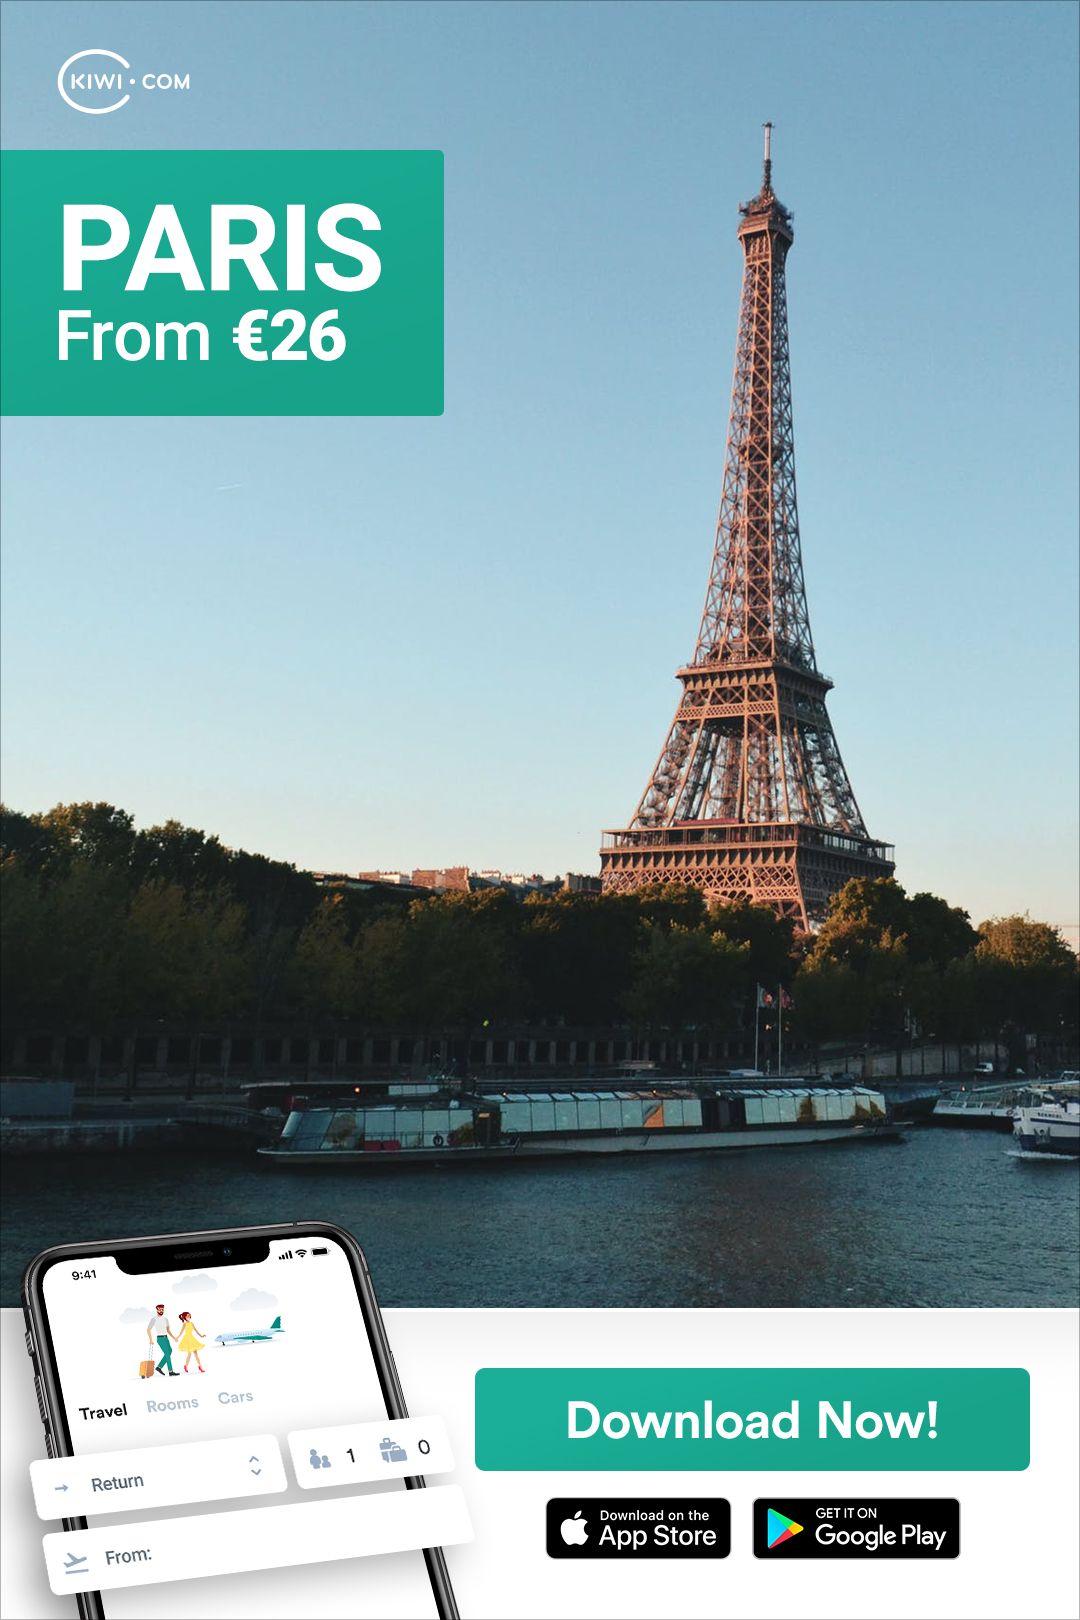 Paris from 26  Cheap travel deals Travel Travel deals